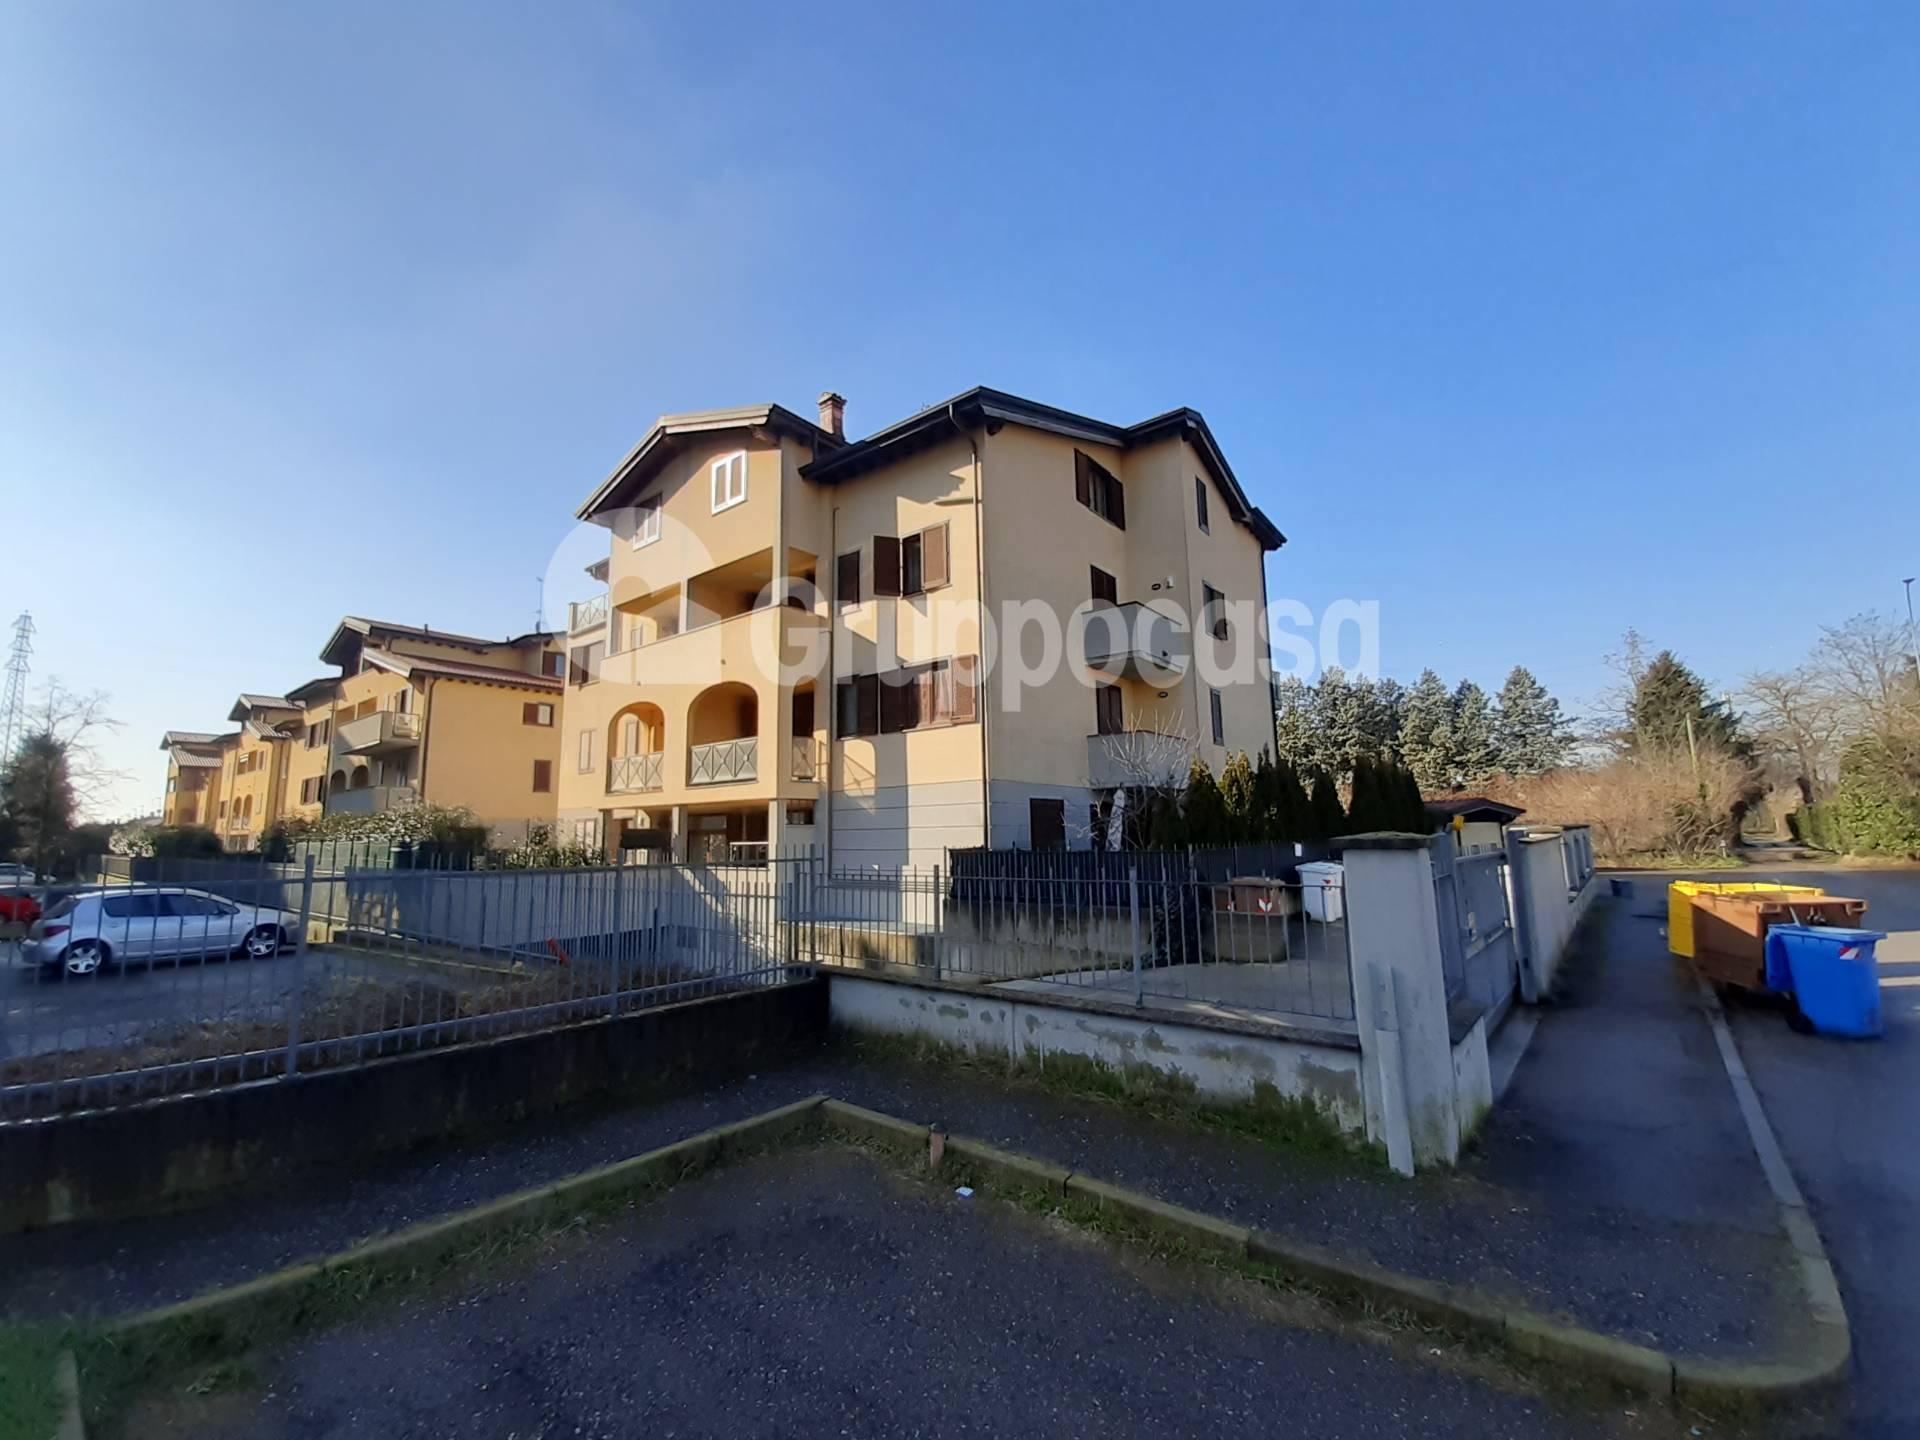 Appartamento in vendita a Corbetta, 2 locali, prezzo € 105.000 | PortaleAgenzieImmobiliari.it